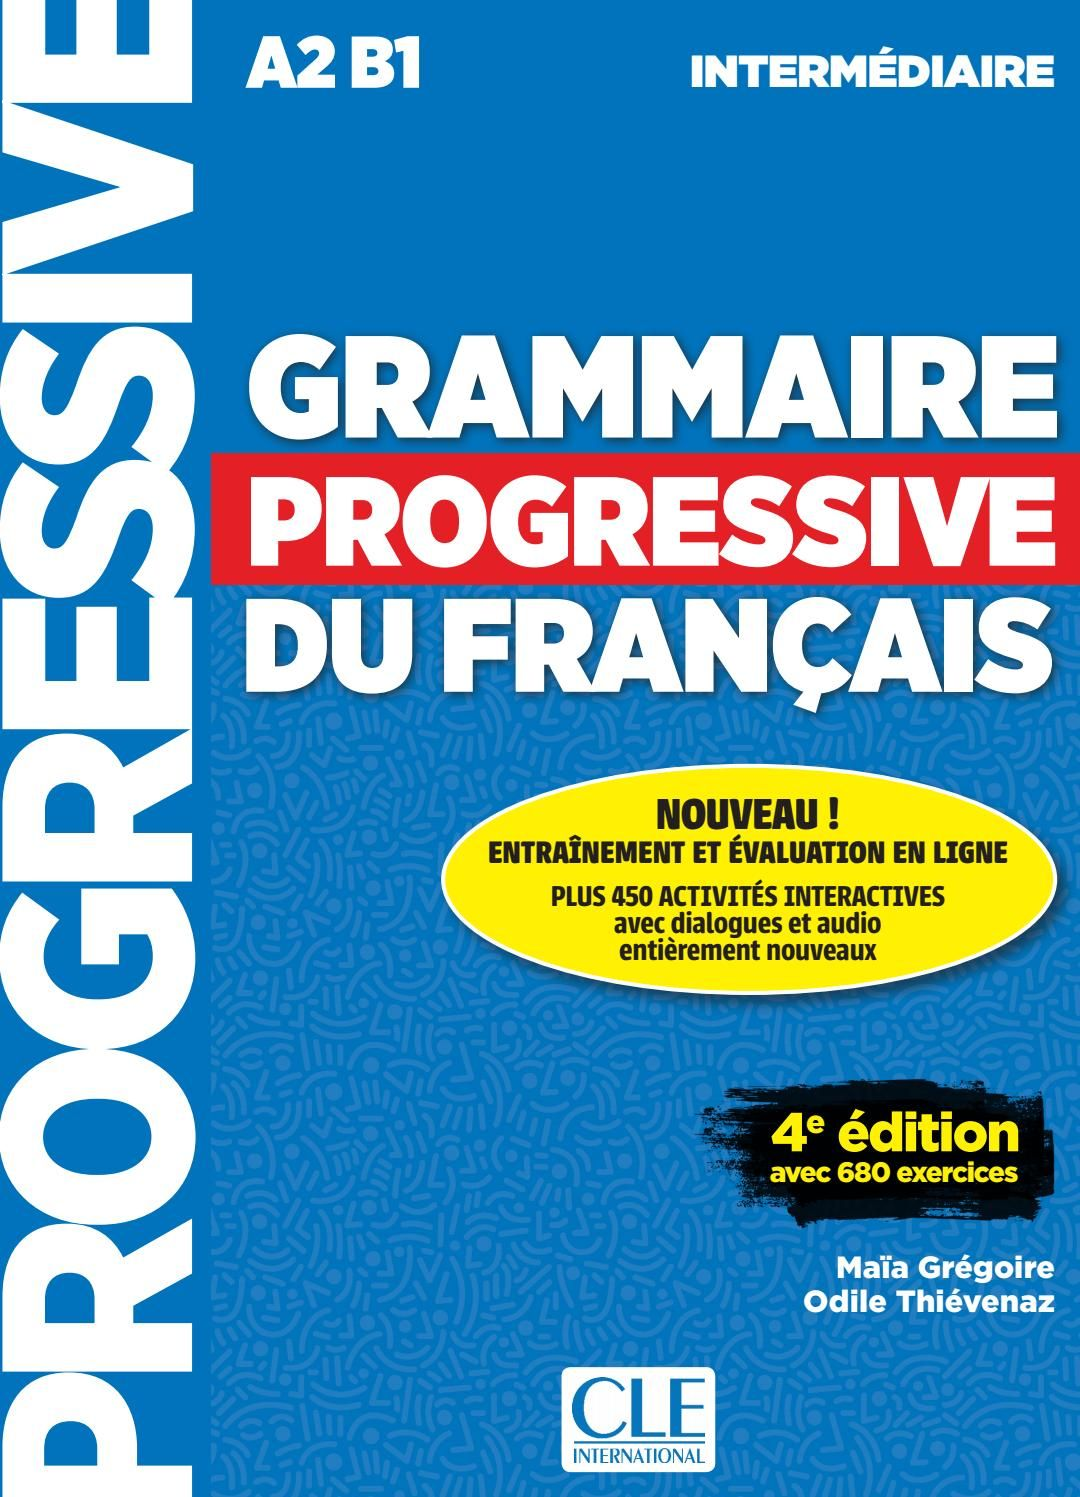 Telecharger Grammaire Progressive Du Francais Niveau Intermediaire Pdf Https Www Francais Grammaire Progressive Du Francais Grammaire Francaise Pdf Grammaire